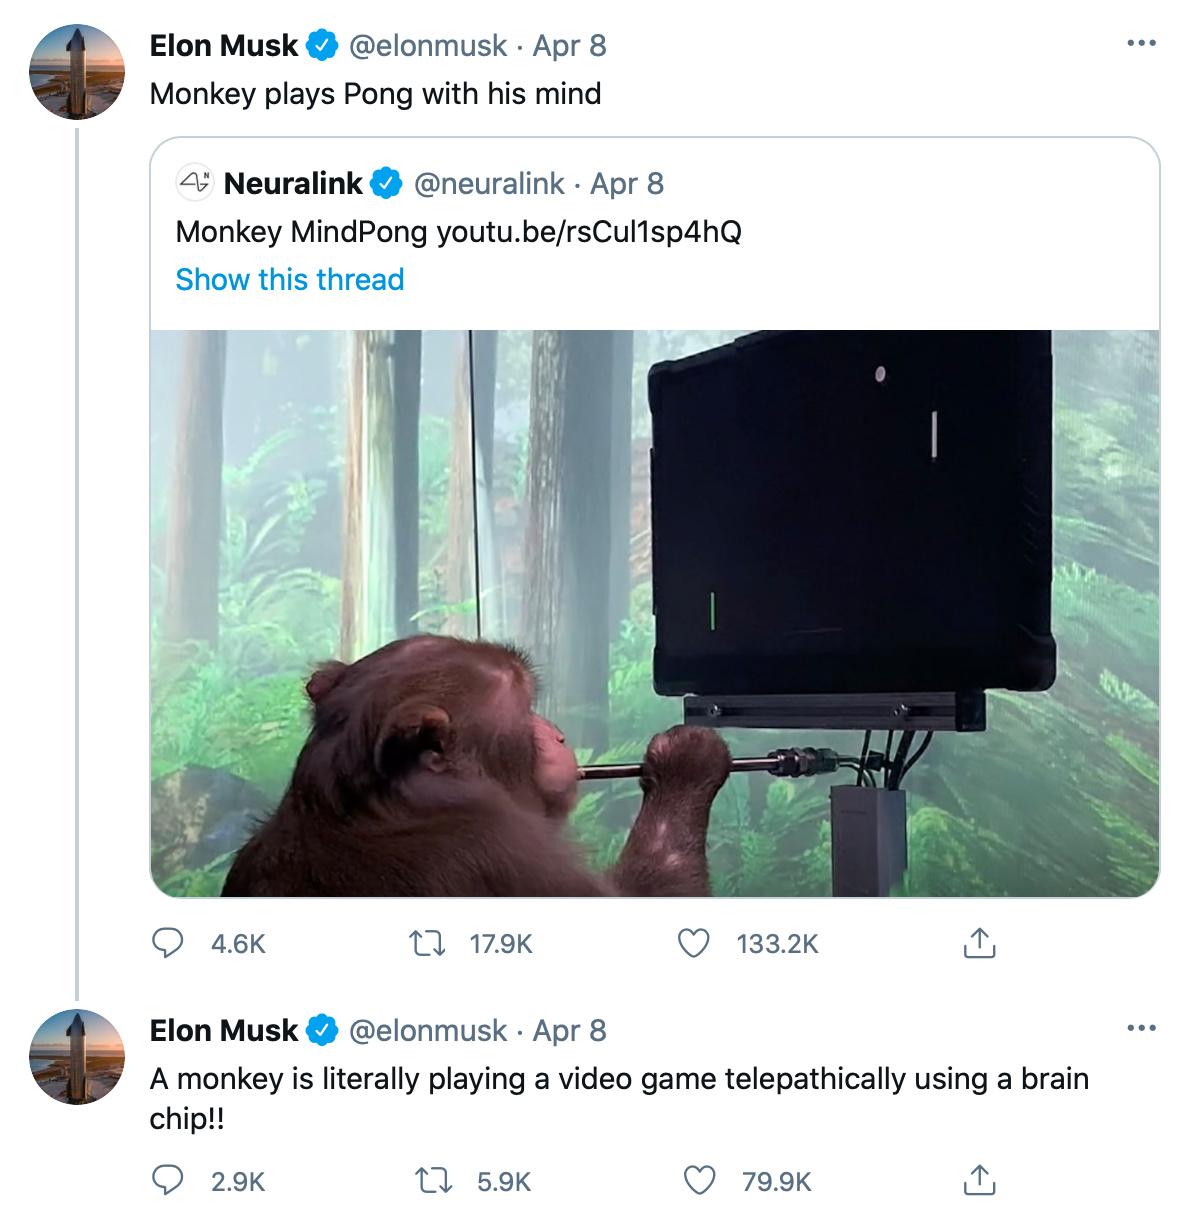 Asi Elon Musk controlara la mente de todos para dominar el mundo - meme